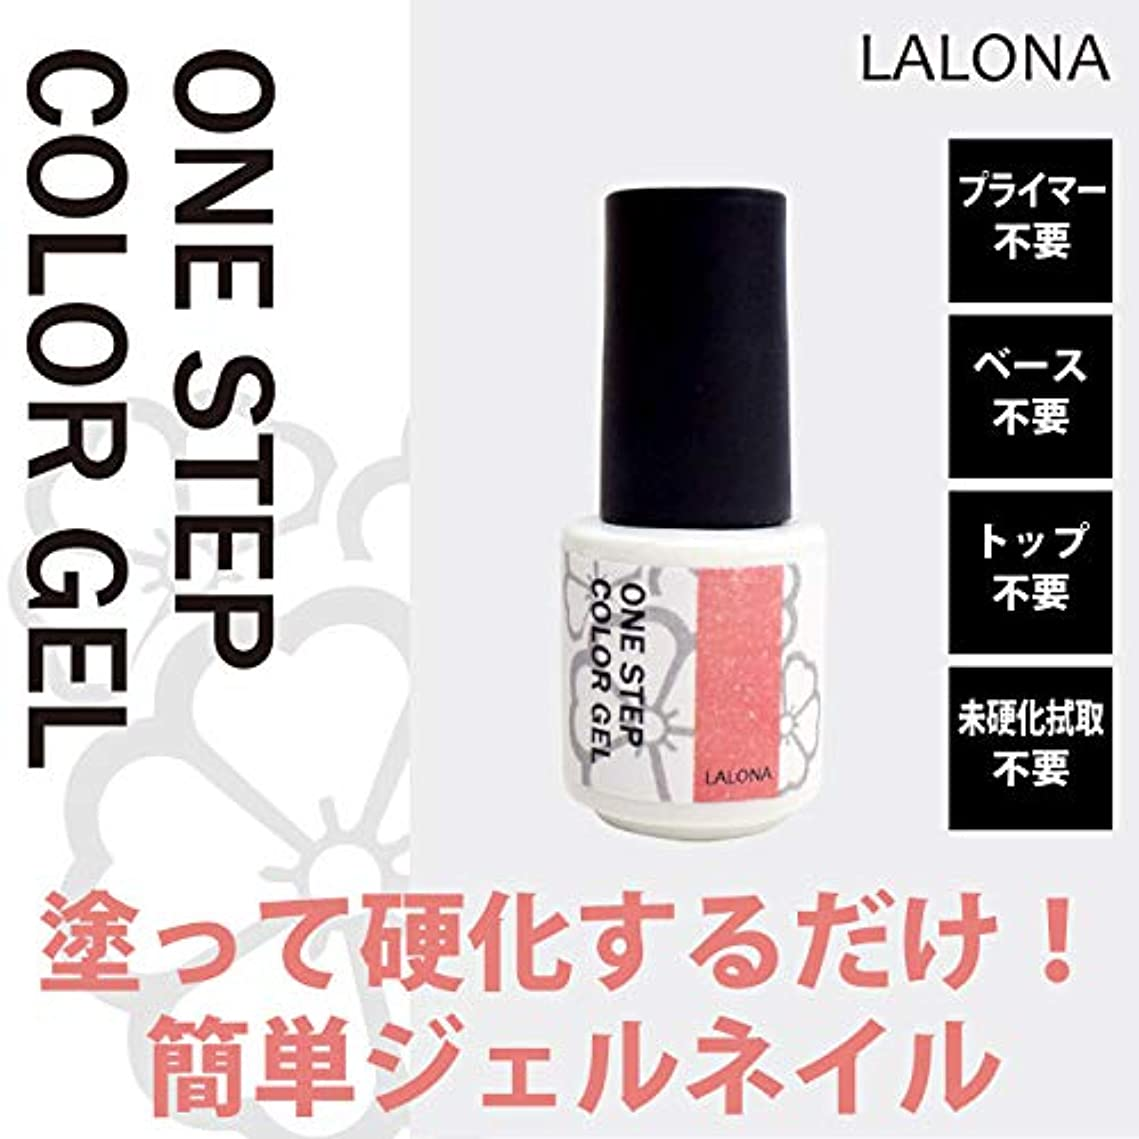 確率美容師適合しましたジェルネイル《塗って硬化させるだけ》LALONA ワンステップカラージェル (5g) (LA009 カーニバルレッド)